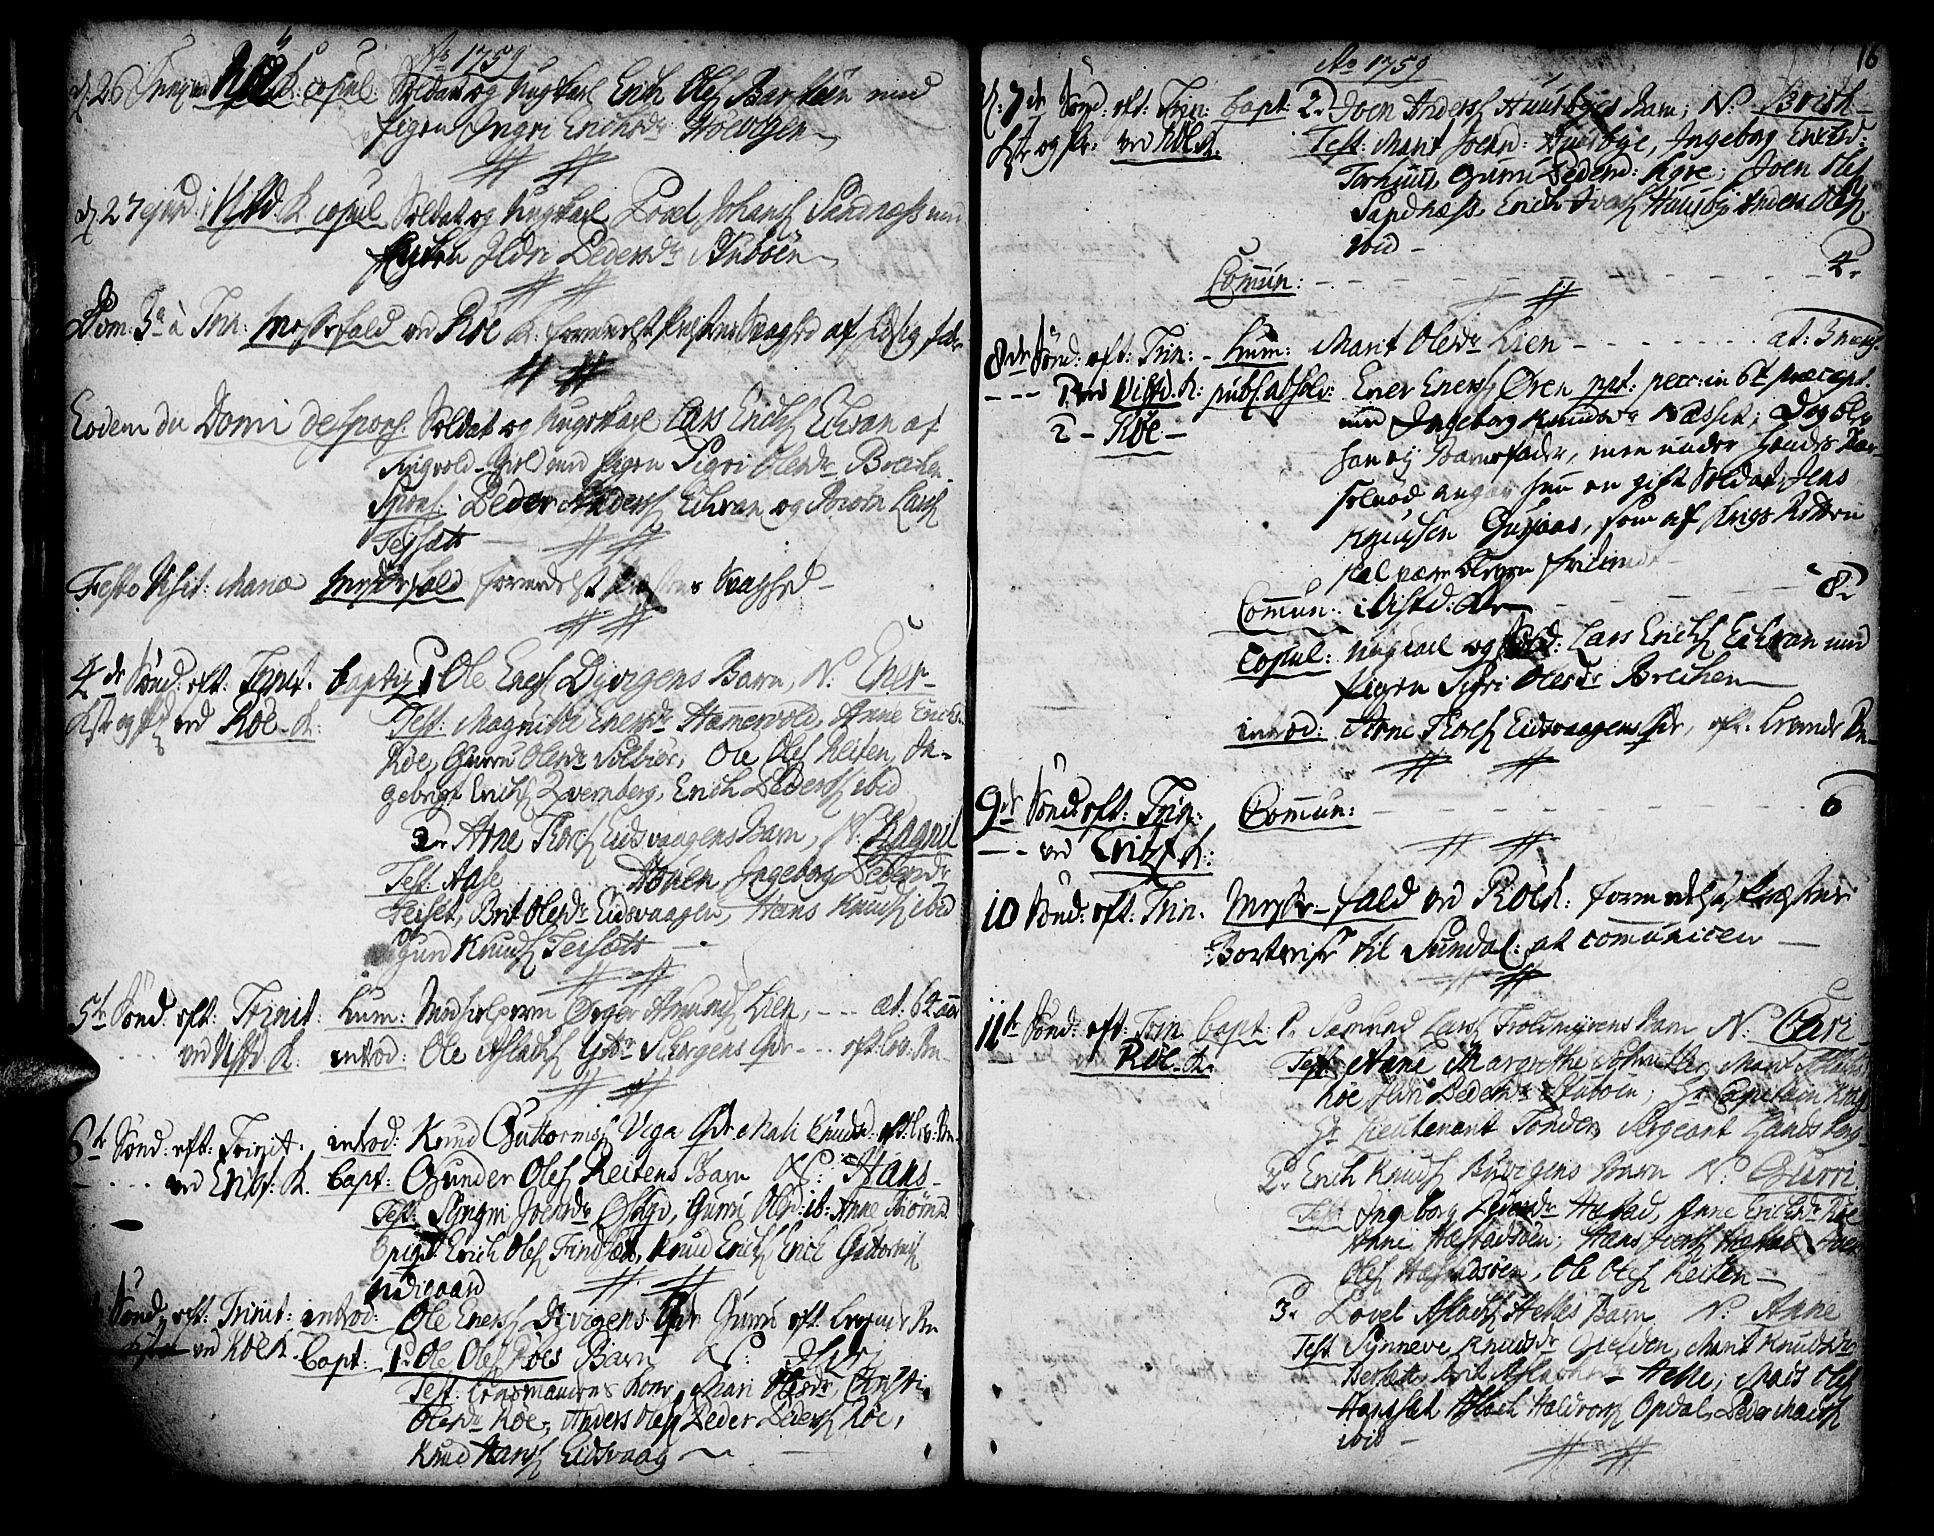 SAT, Ministerialprotokoller, klokkerbøker og fødselsregistre - Møre og Romsdal, 551/L0621: Ministerialbok nr. 551A01, 1757-1803, s. 16